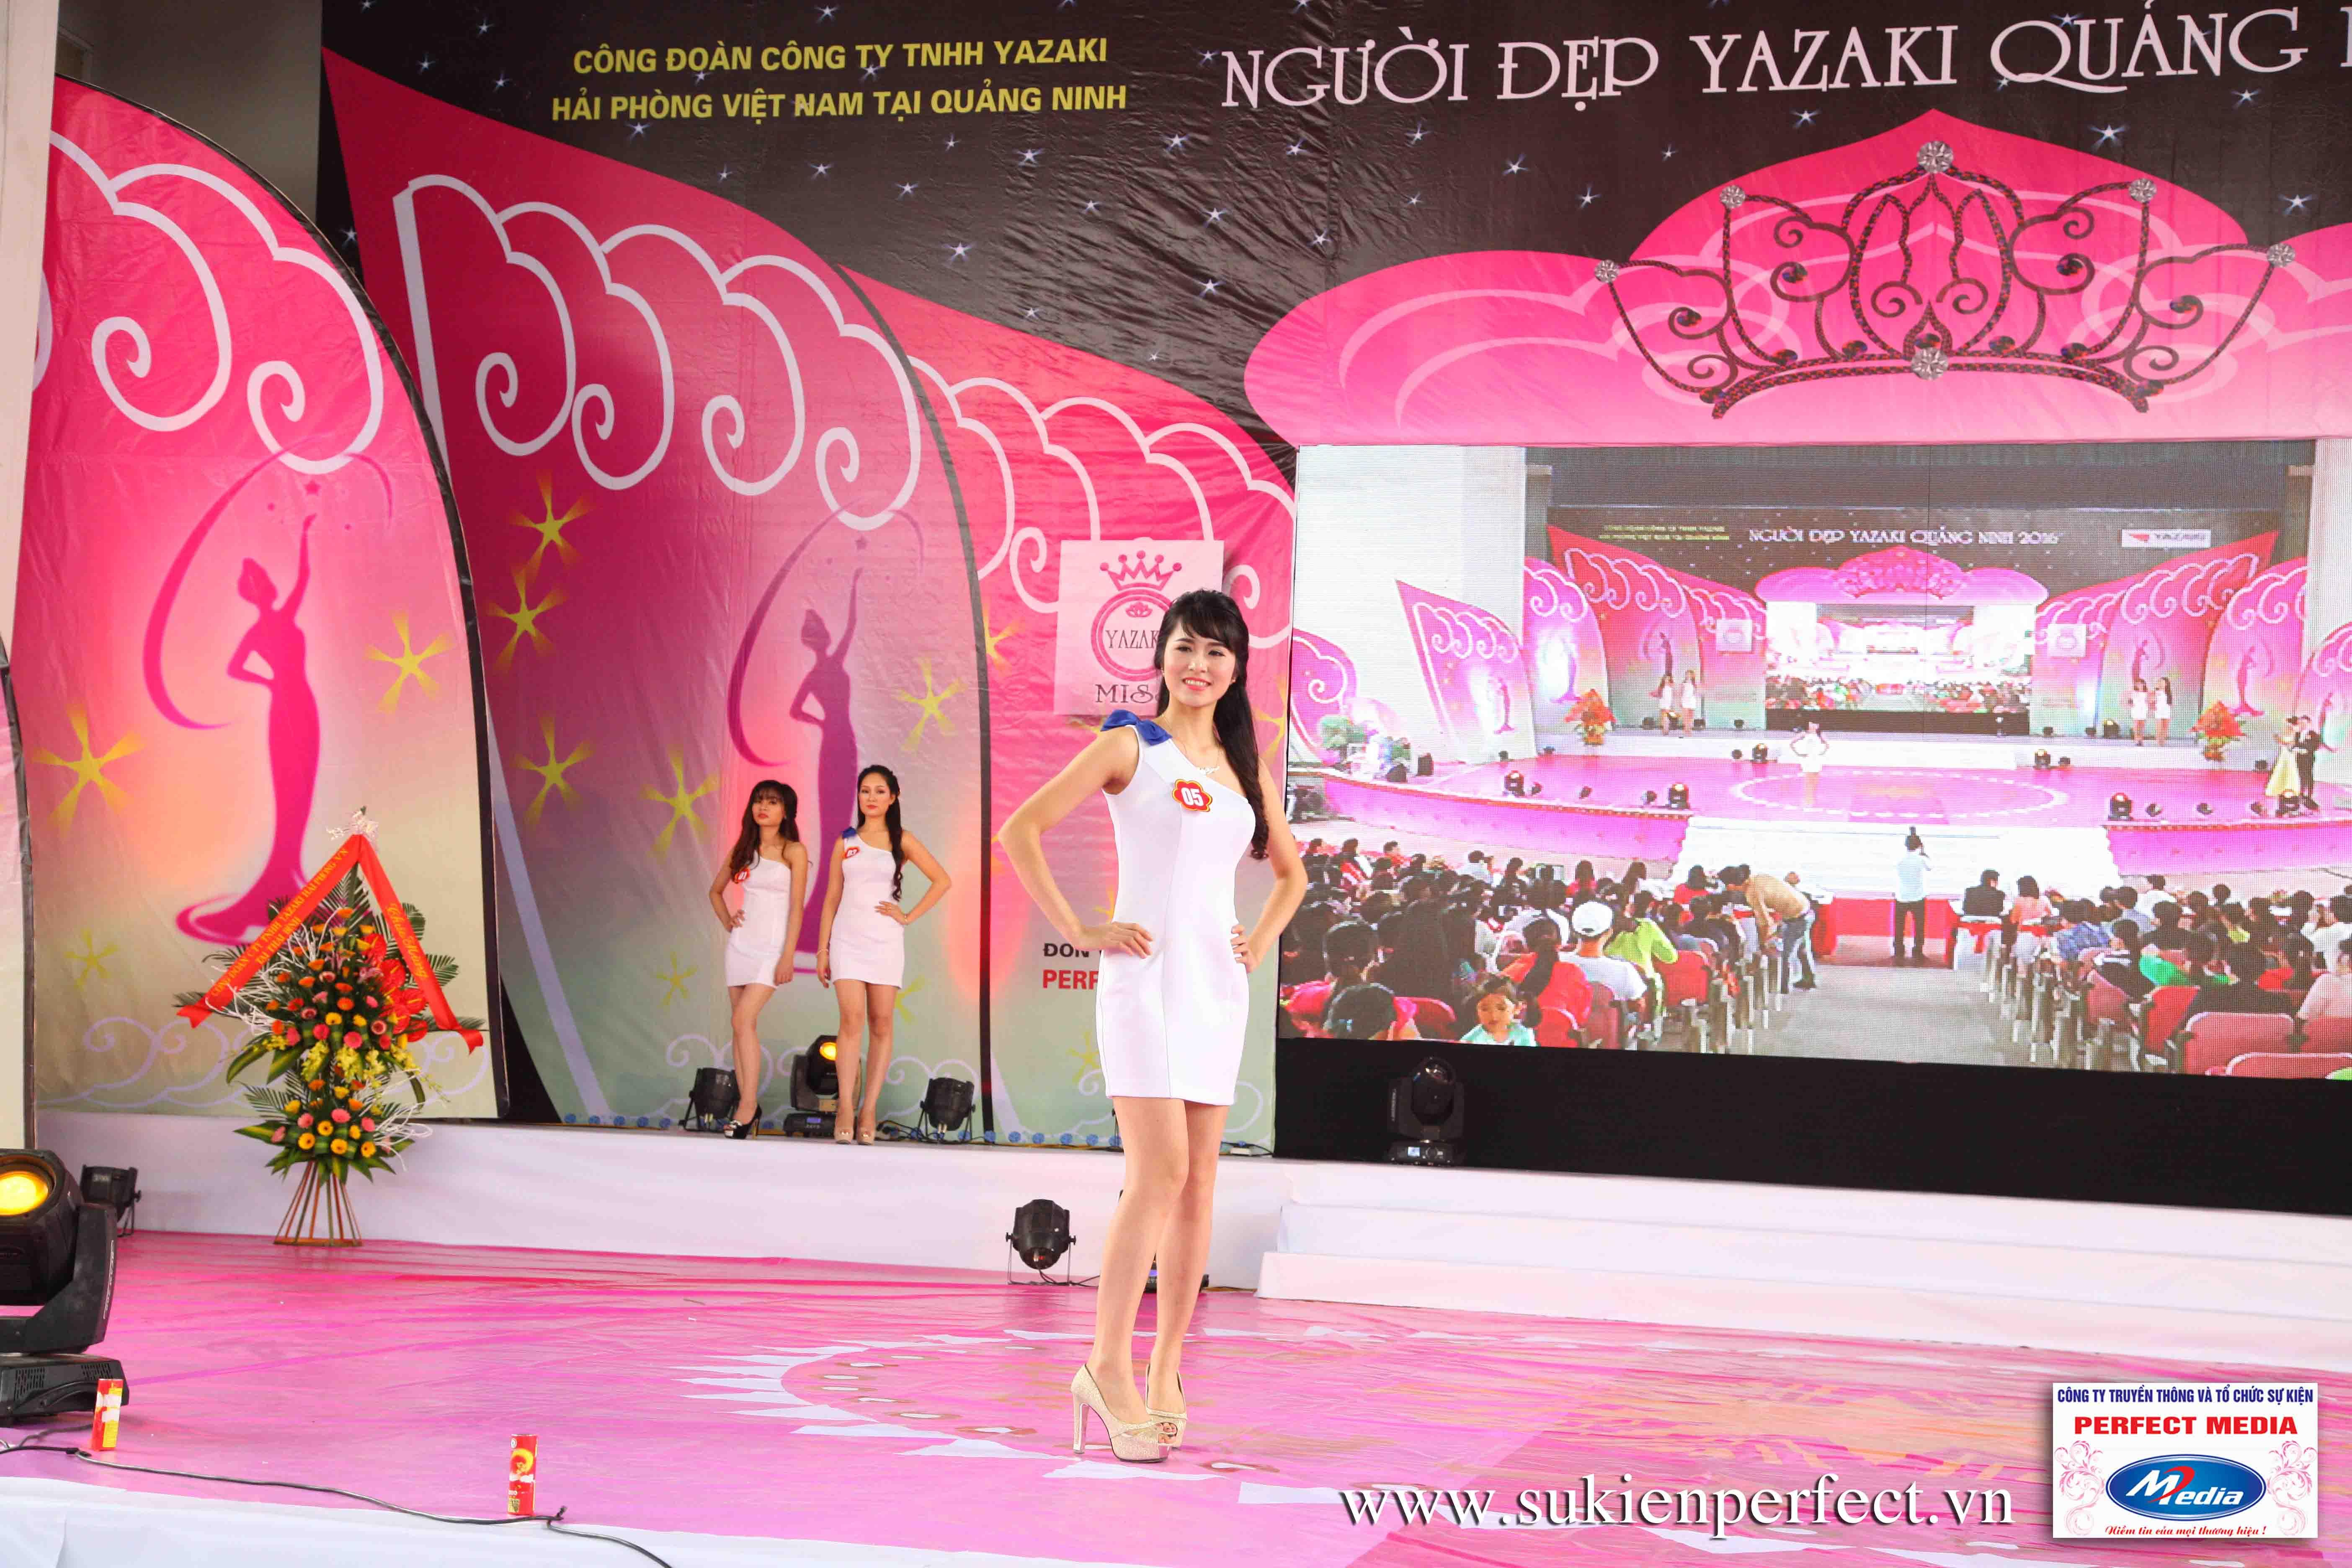 Hình ảnh các thí sinh trong cuộc thi Người đẹp Yazaki Quảng Ninh 2016 (Hình thể) 03